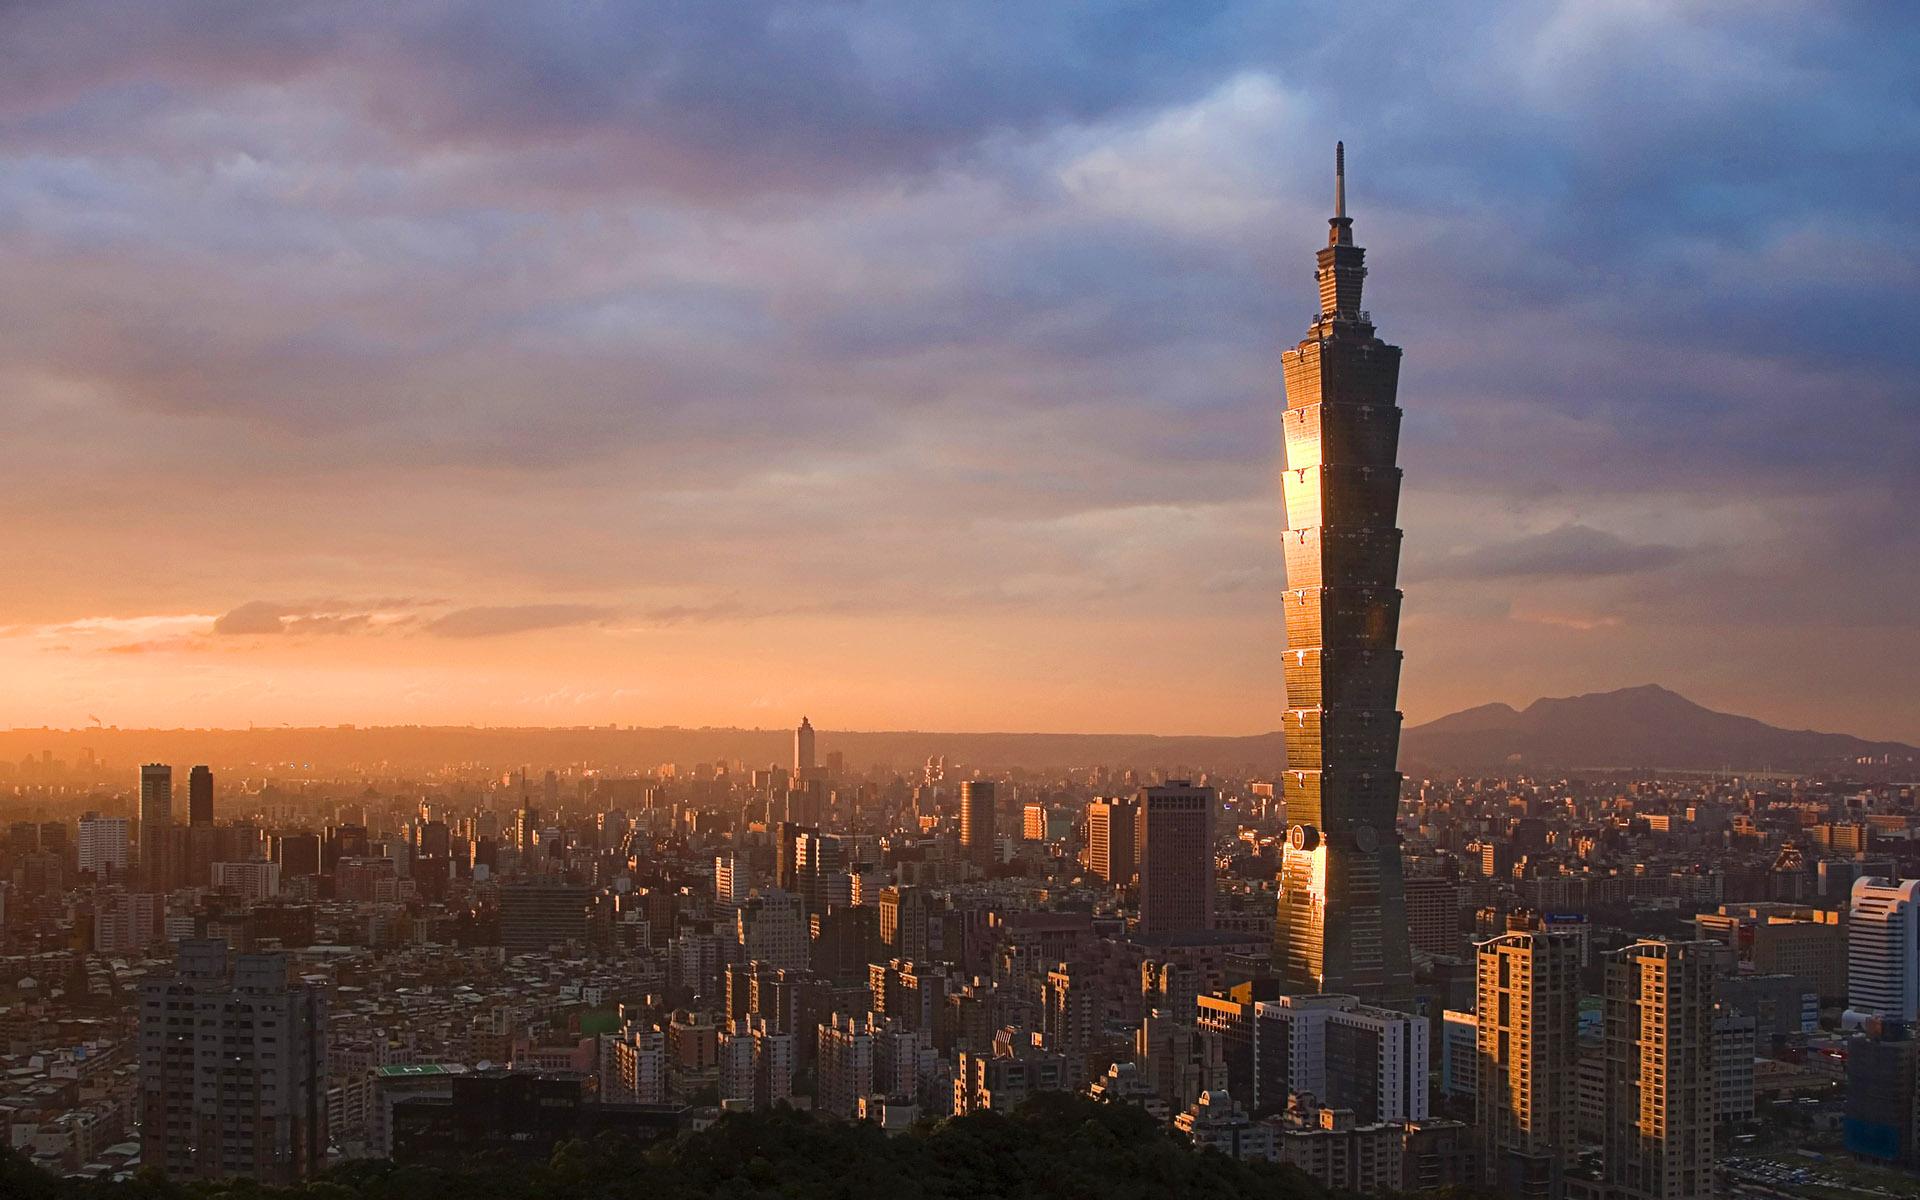 Tower skyscraper Taipei 101